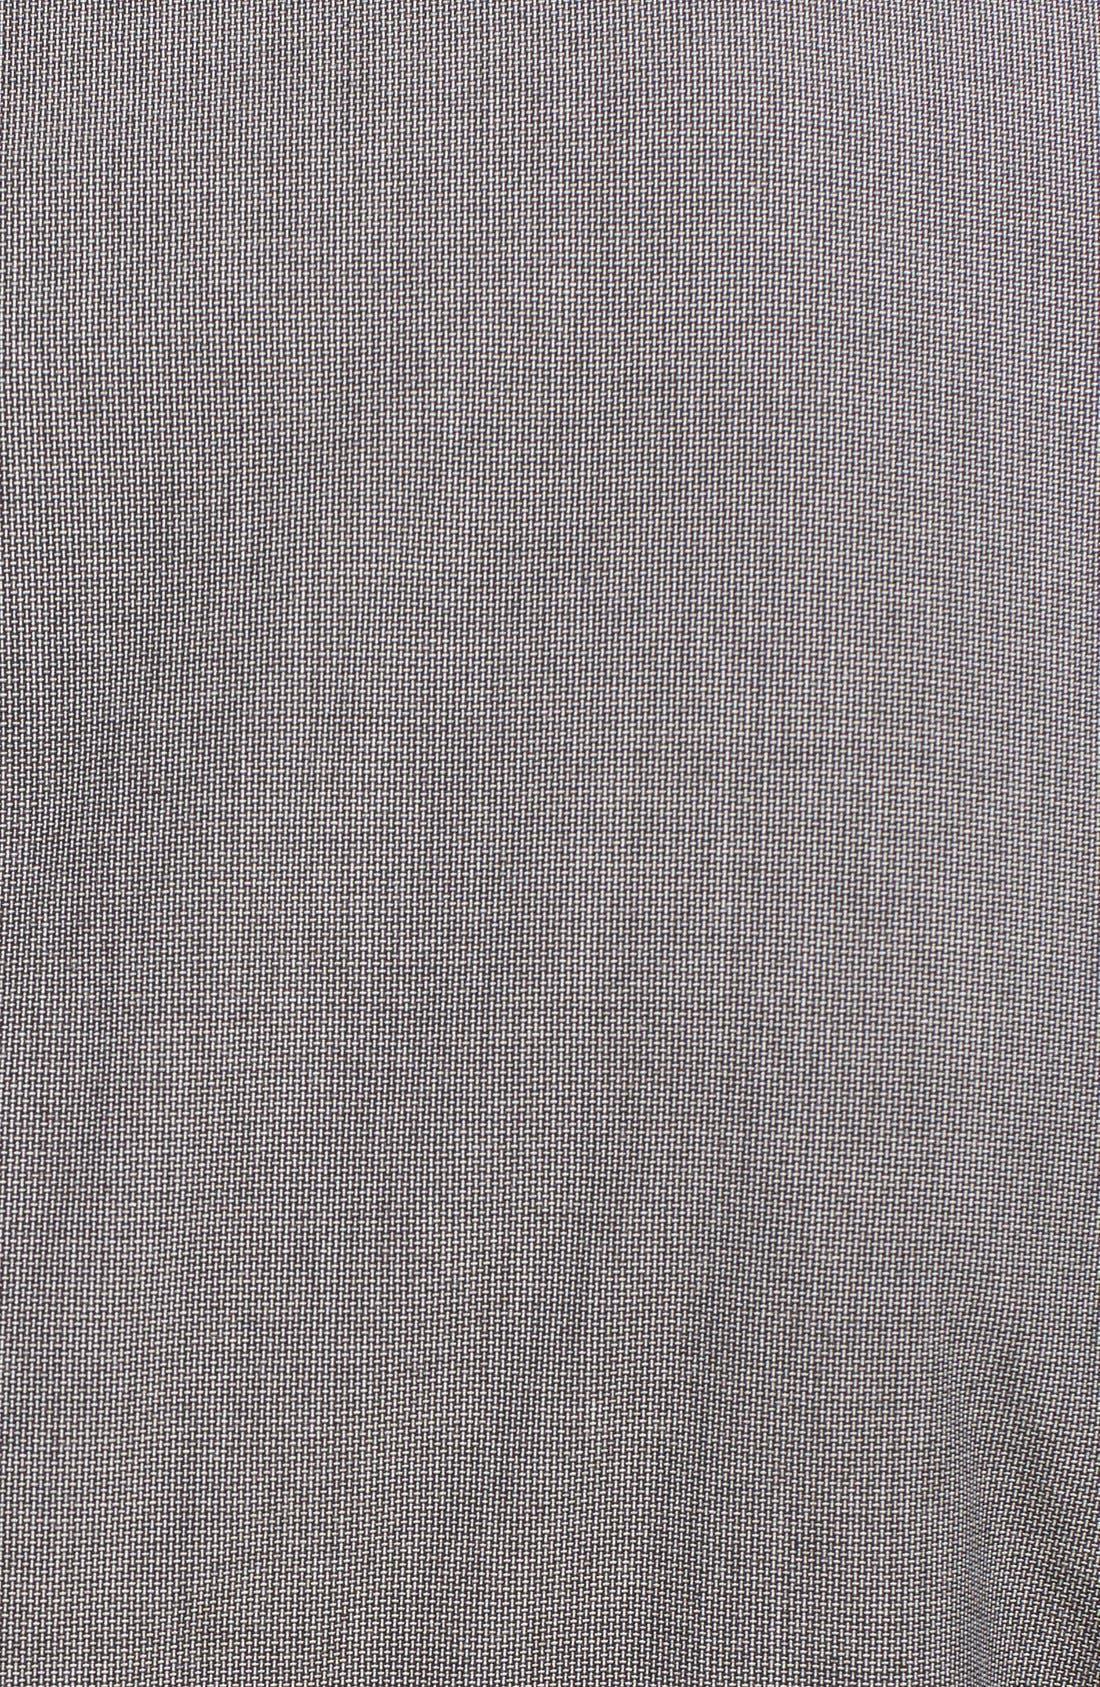 Alternate Image 5  - Z Zegna Extra Trim Fit Grey Cotton Suit